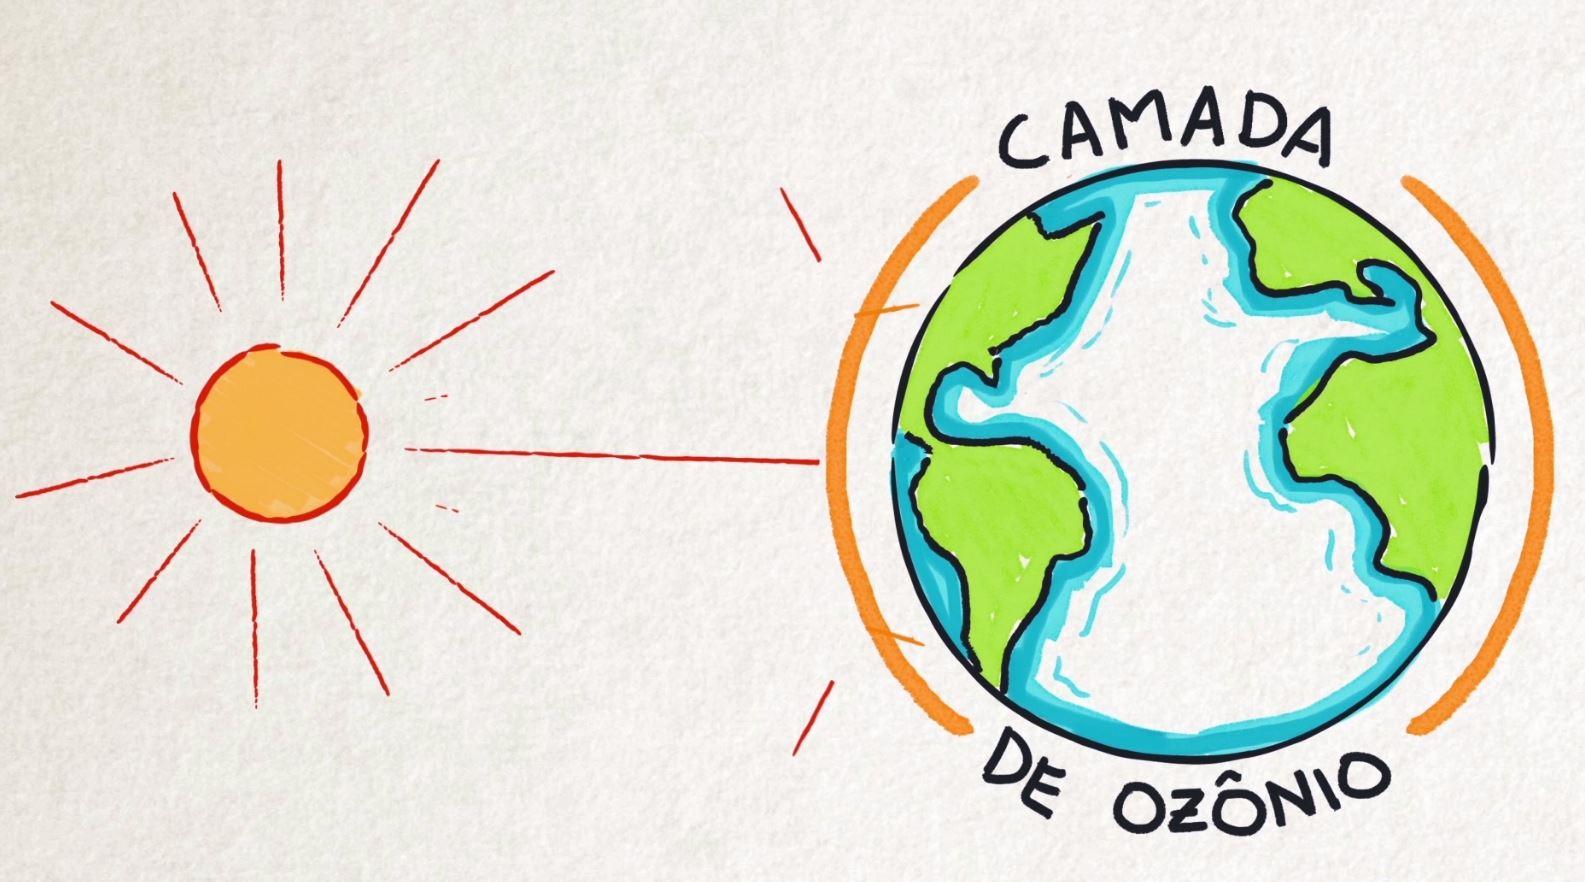 Proteção da Camada de Ozônio: vídeo animado agora têm versões com legendas em português e em inglês